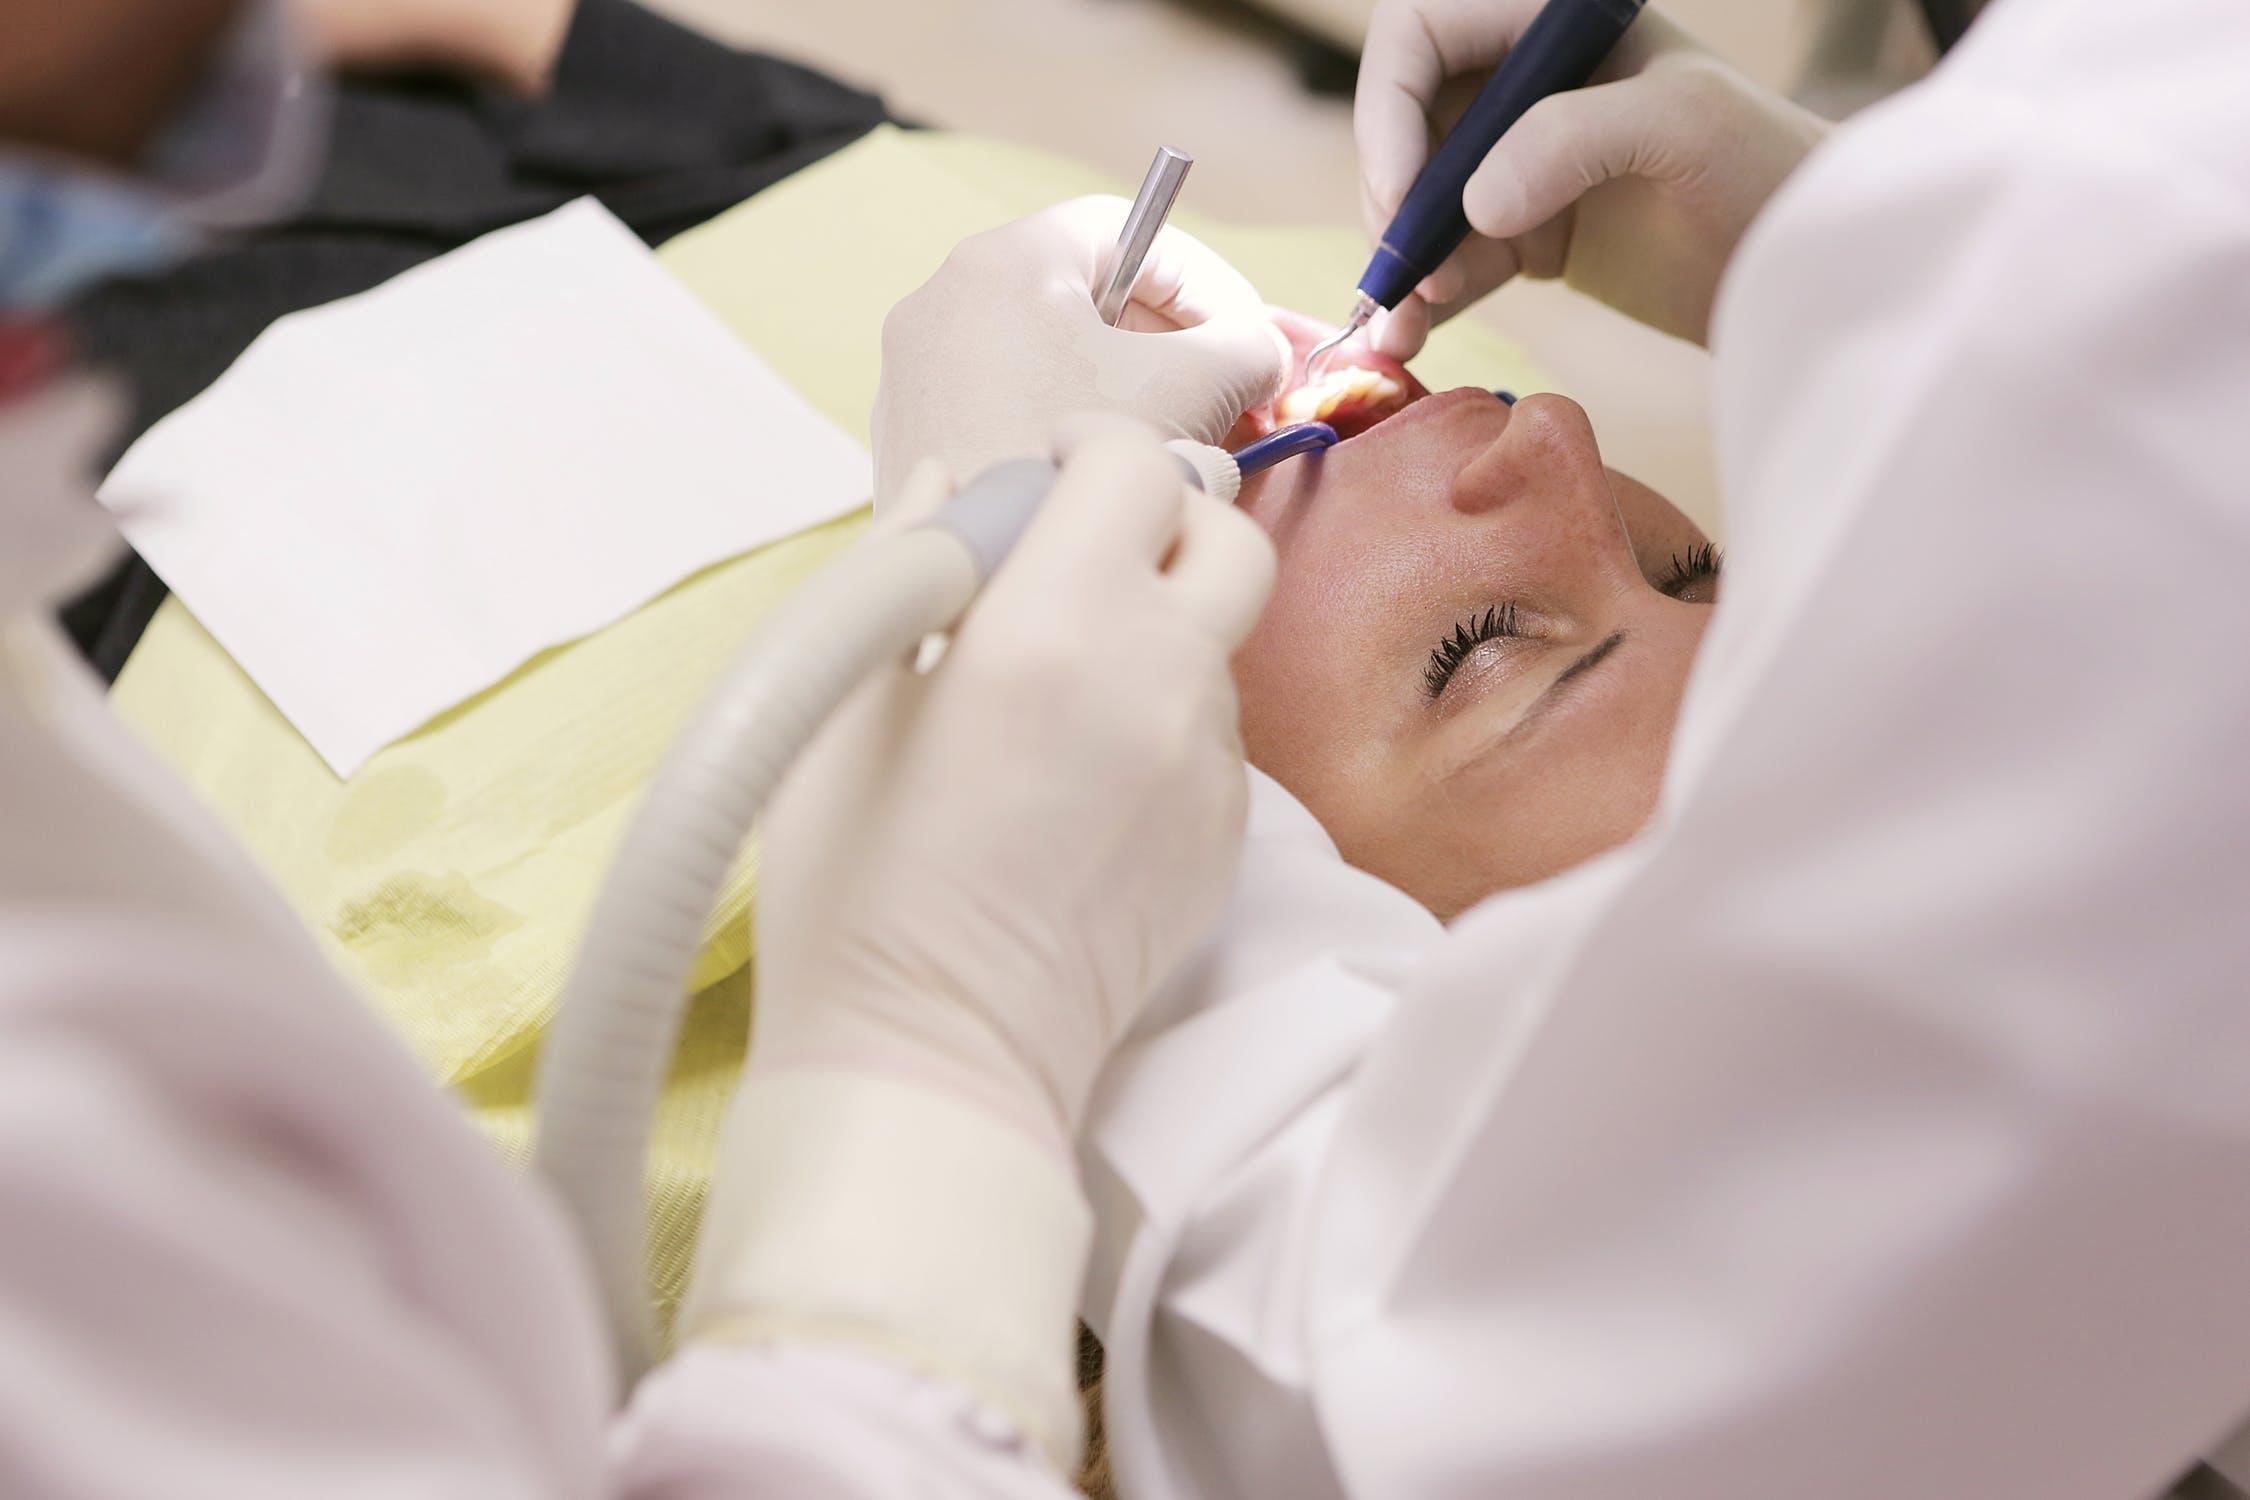 st dental erbjuder akut tandvård i uppsala